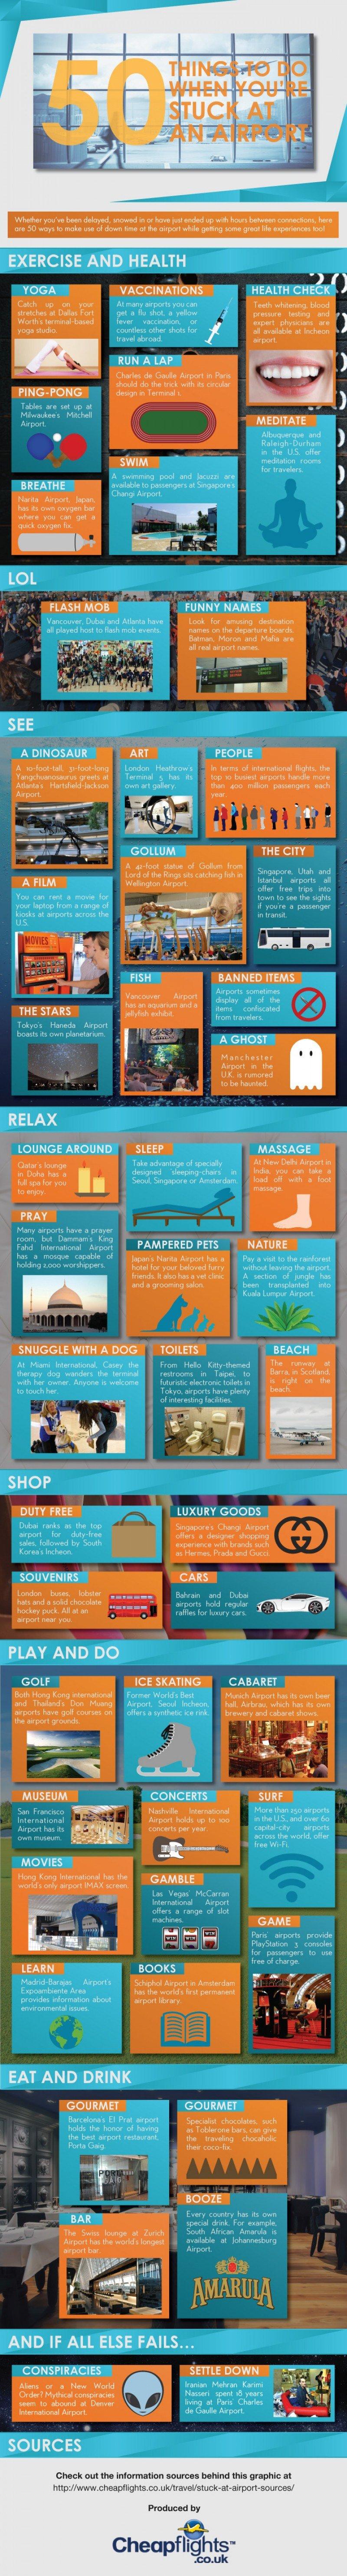 50 cosas qué hacer cuando estás atrapado en un aeropuerto.